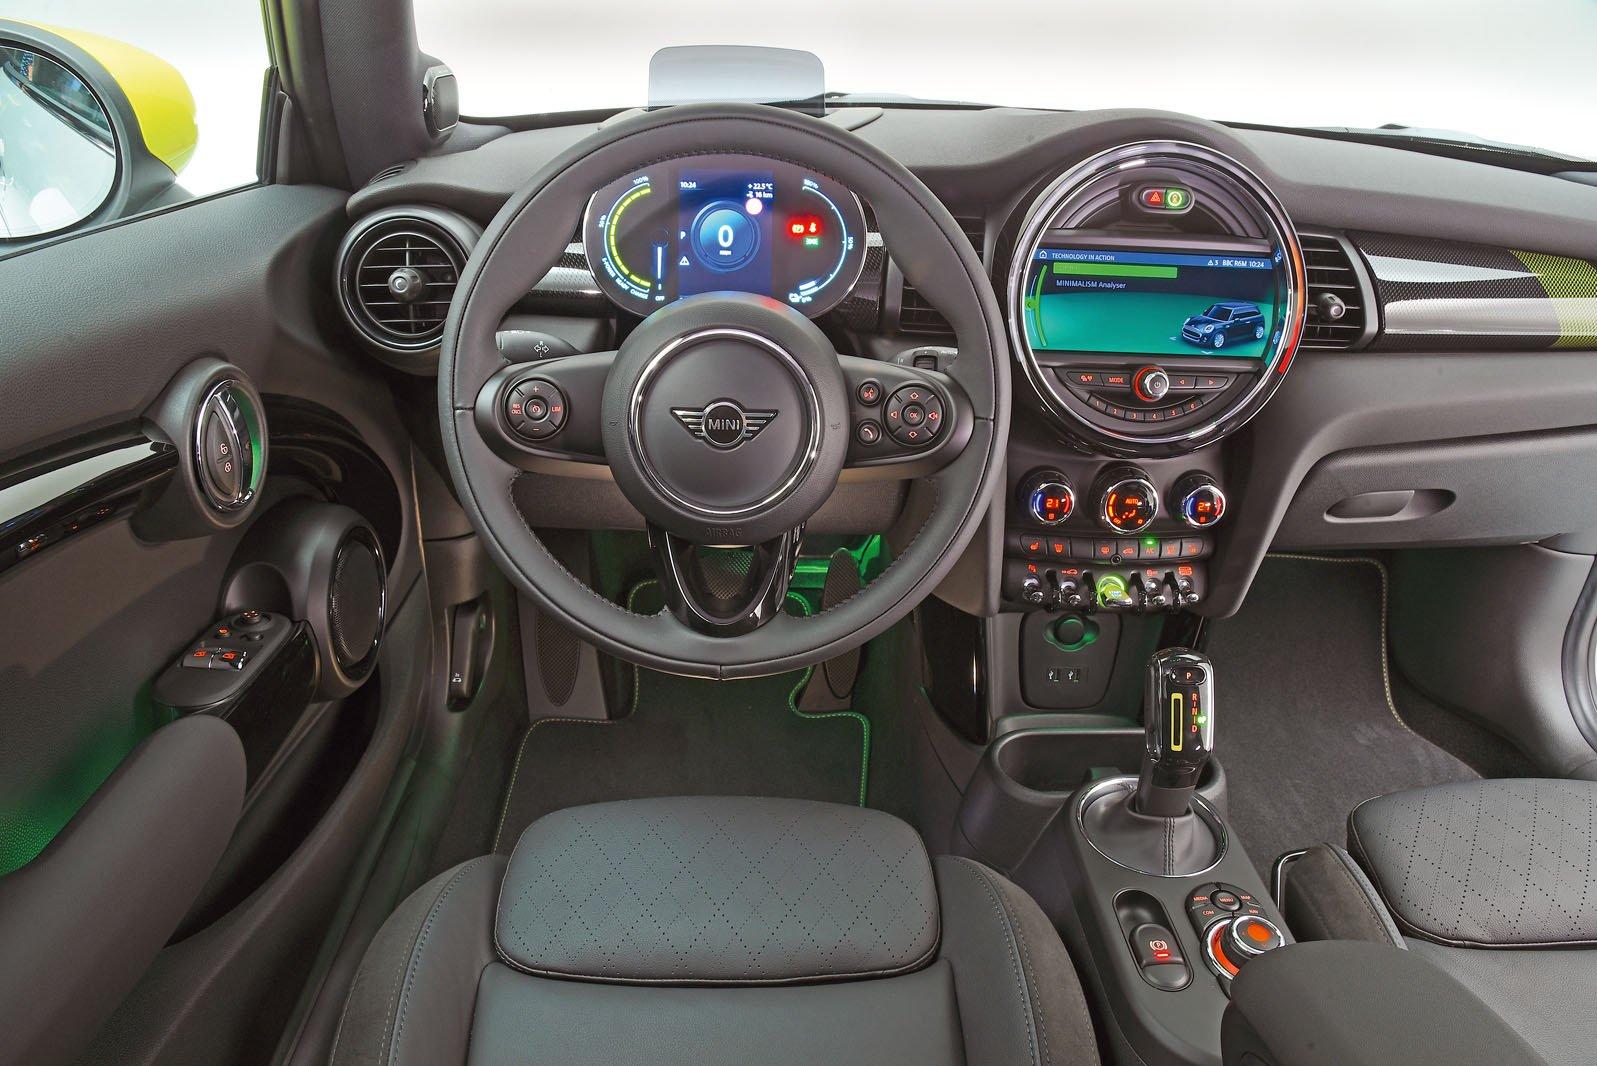 2020 Mini Electric interior